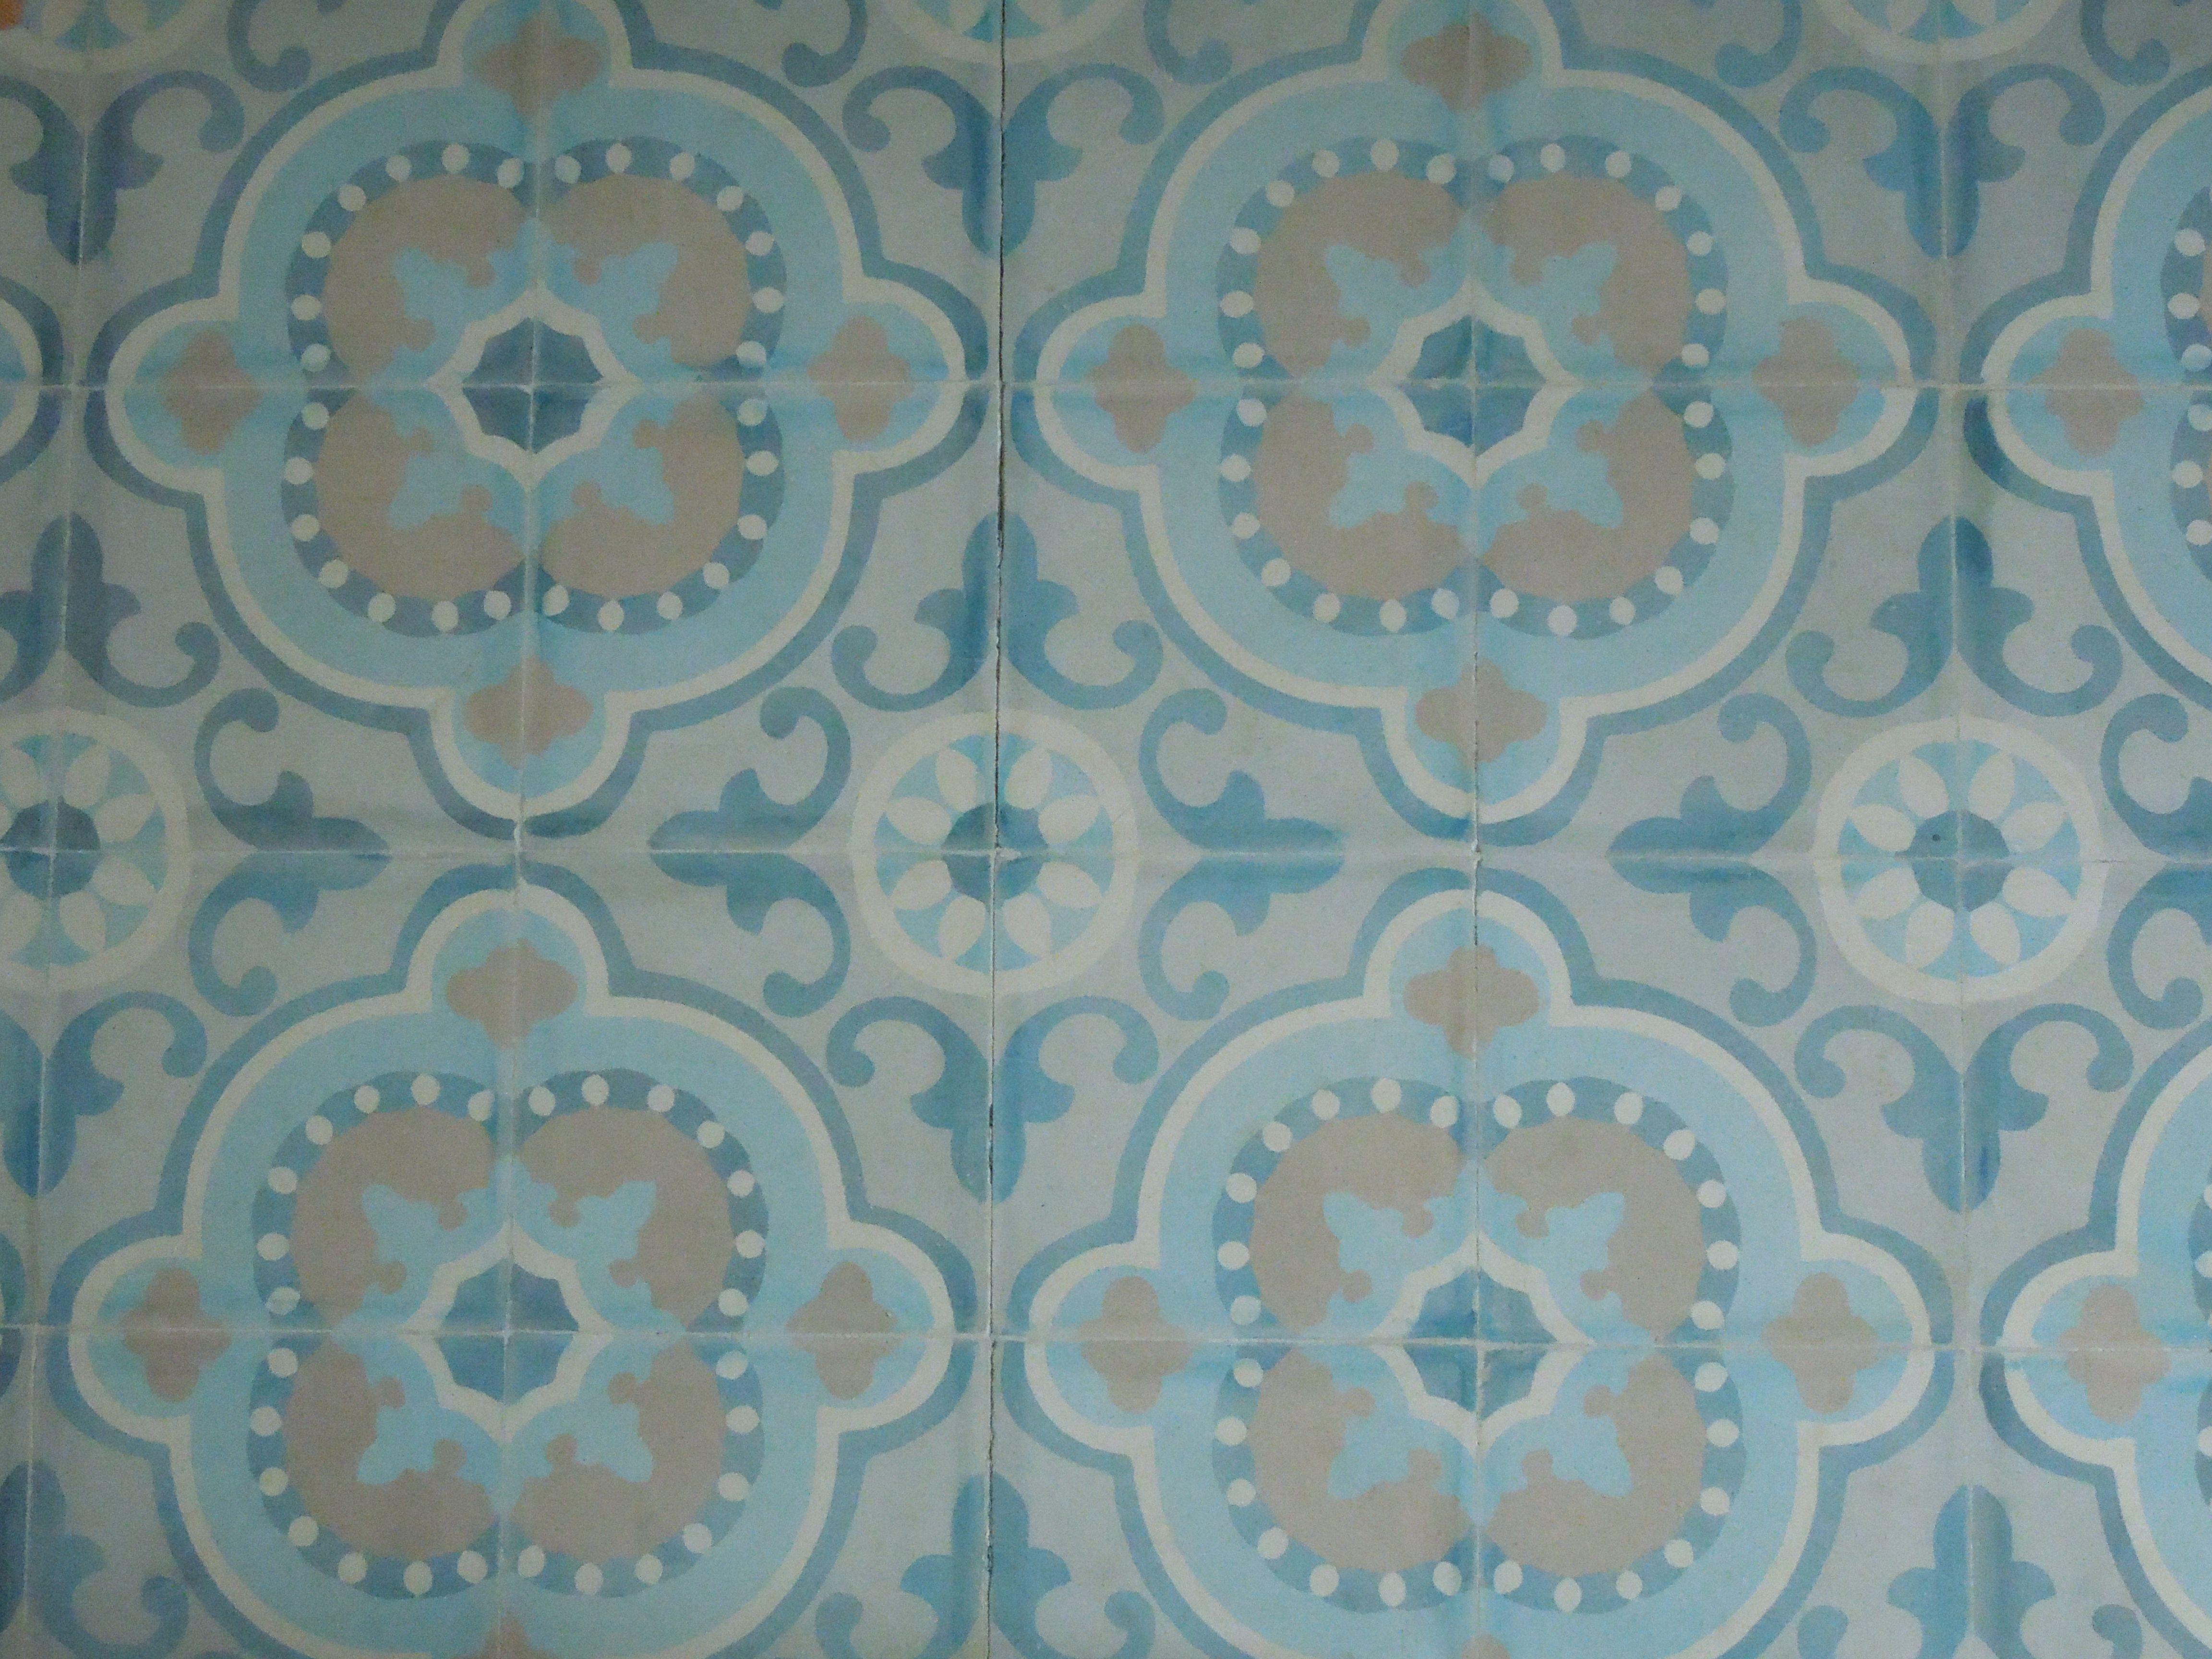 Egyptian Ceramic Tiles Arabesque Pinterest